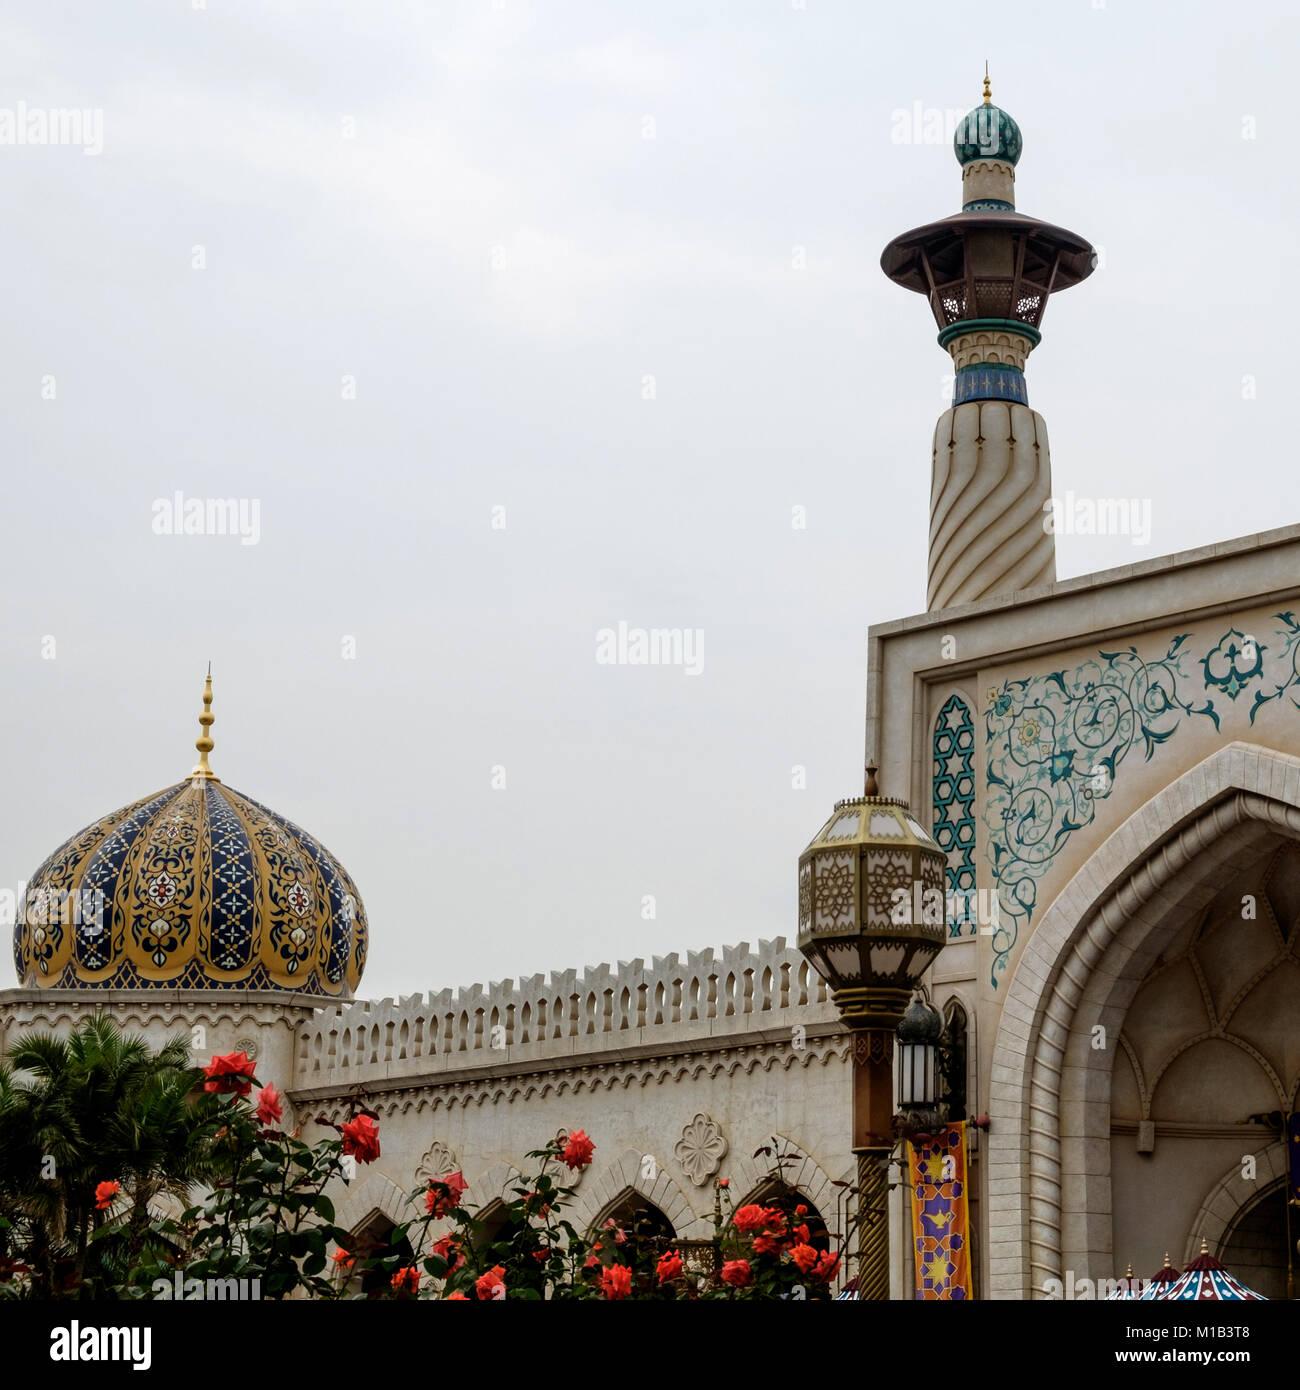 Architettura islamica con un Arabo portale ad arco, torre di preghiera, via la luce e la cupola con design Arabo. Immagini Stock